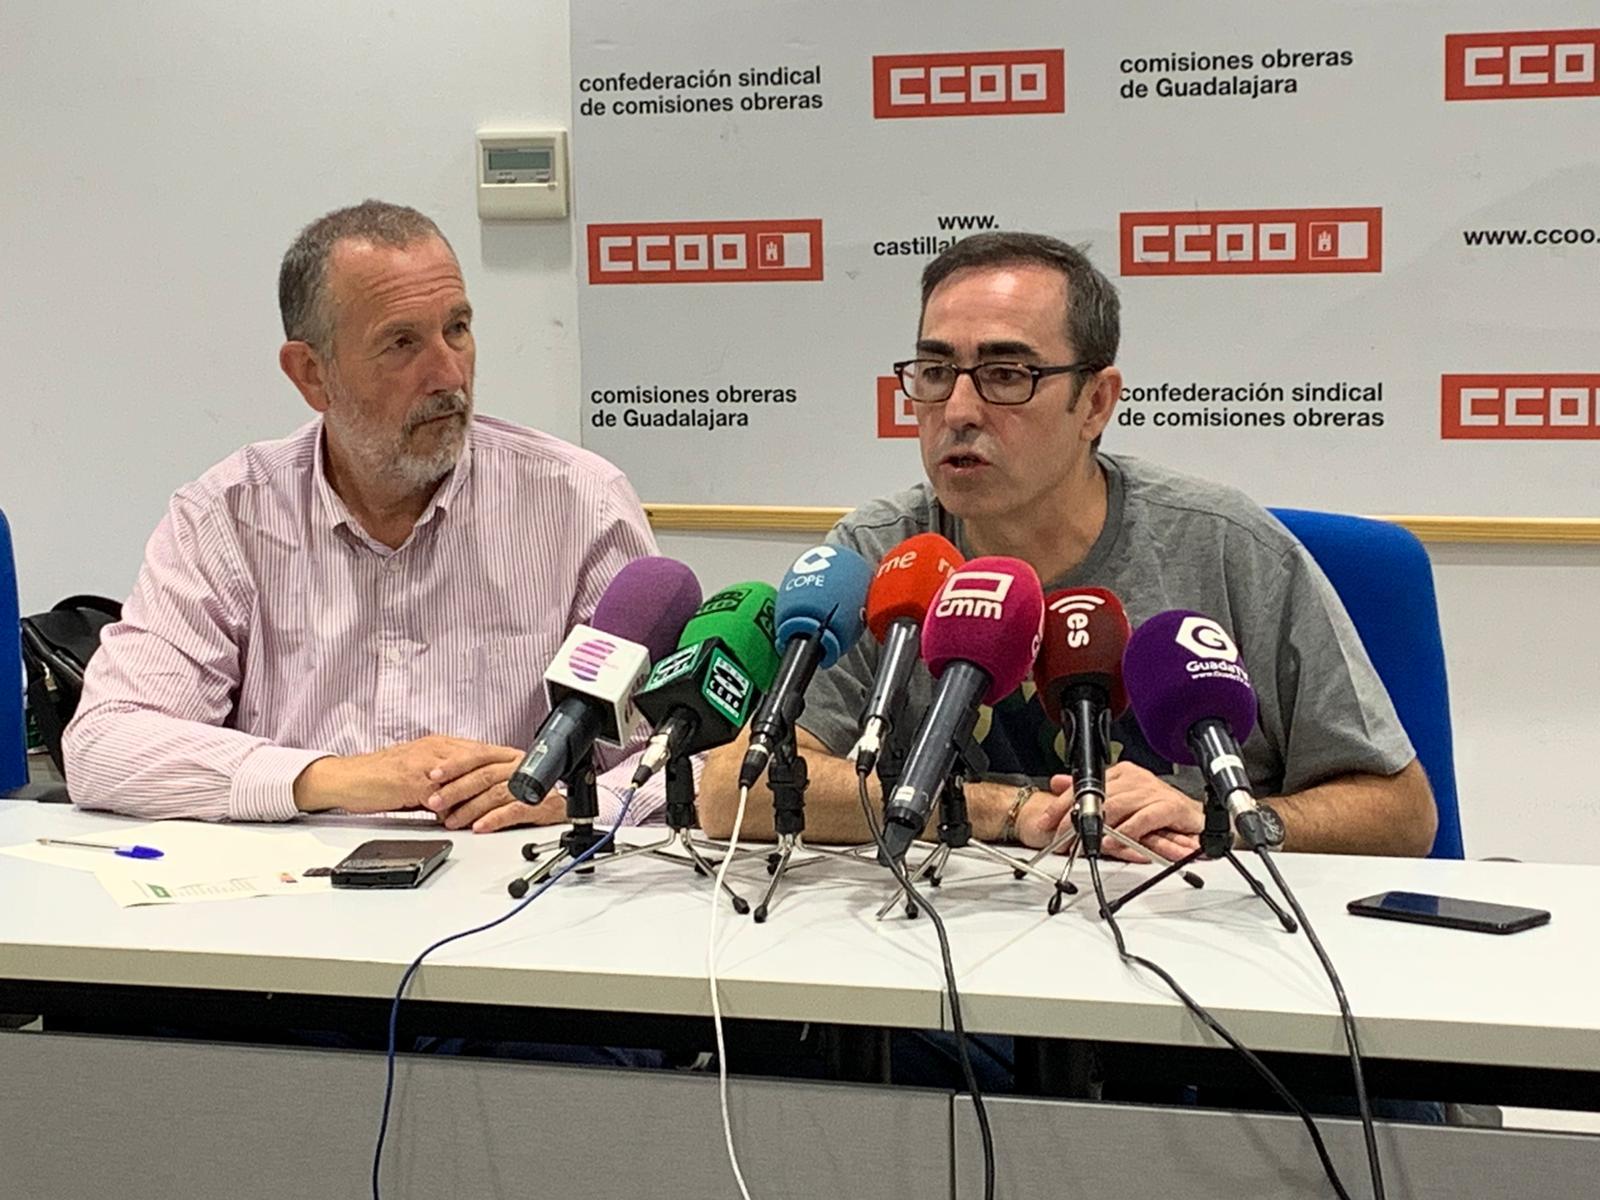 CCOO exige situar en el centro de las políticas las necesidades de los trabajadores y trabajadoras